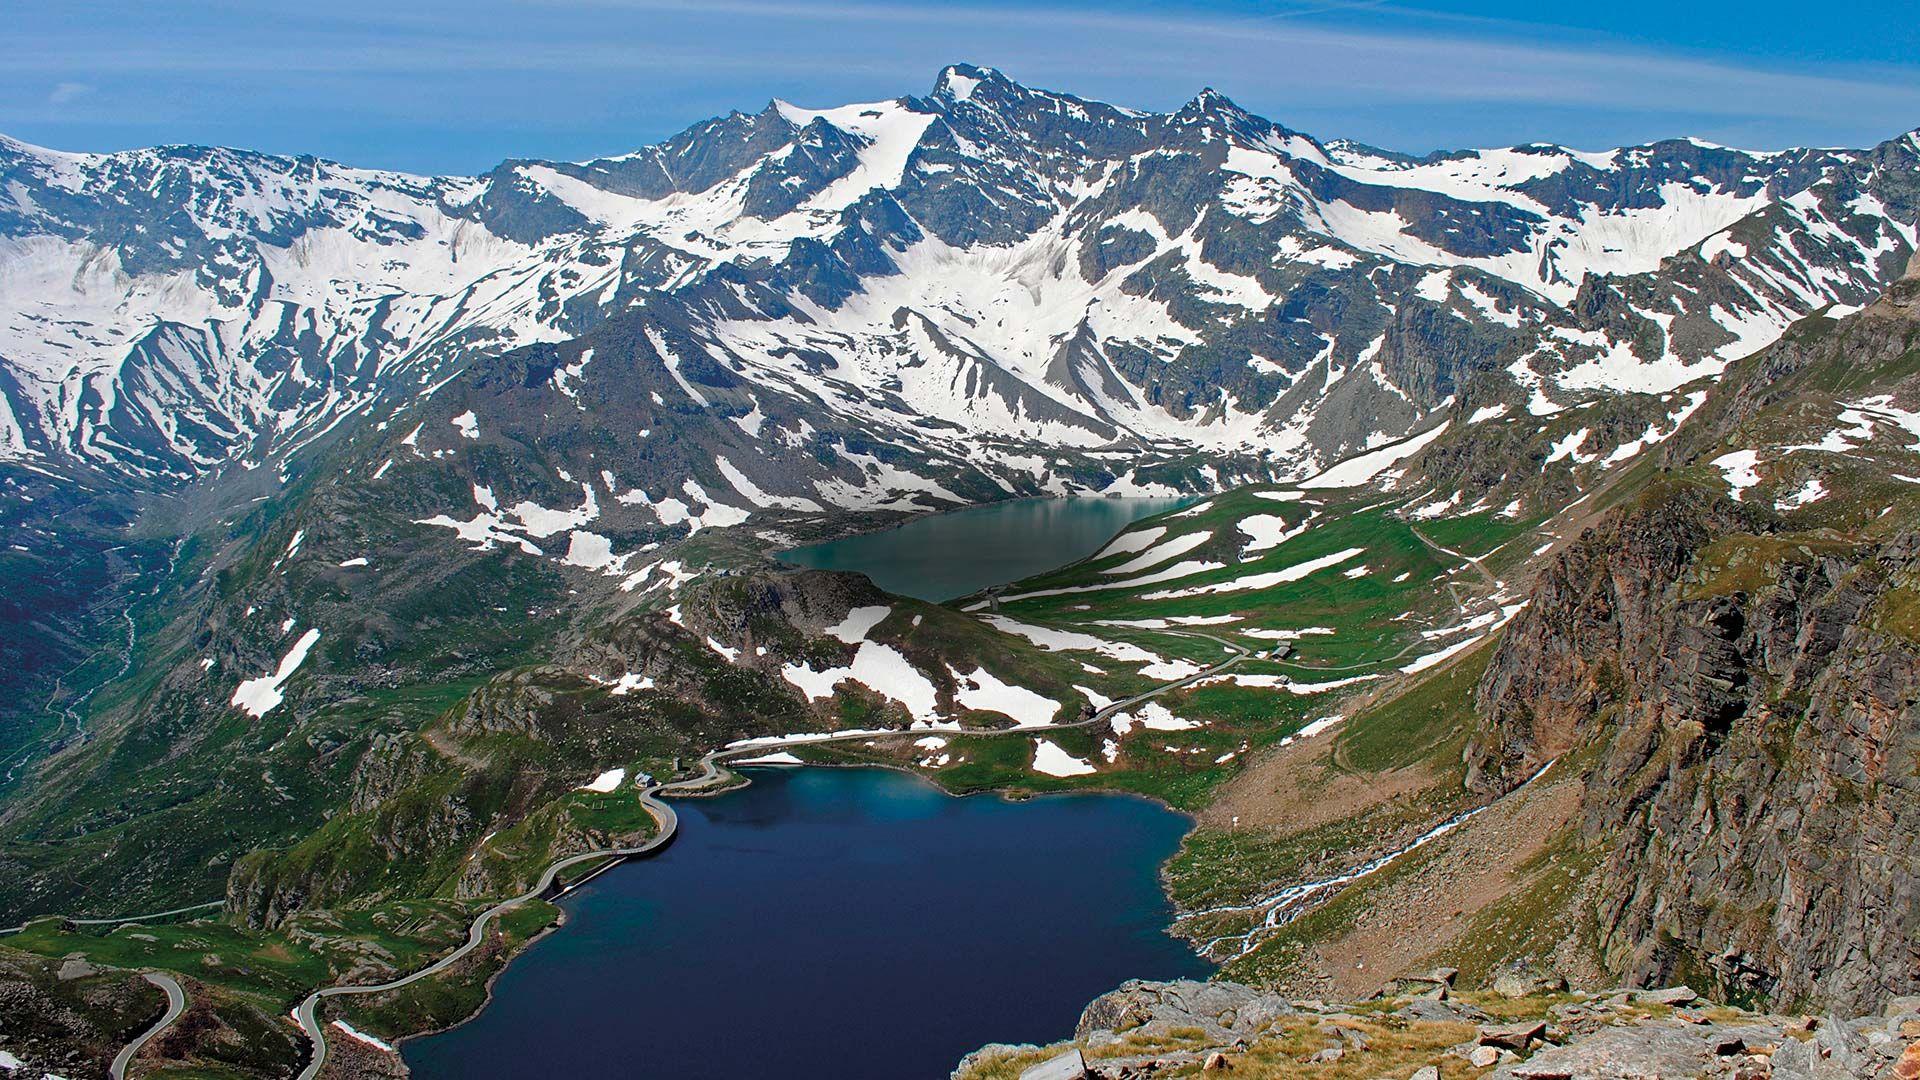 TURISMO - Il Parco Gran Paradiso al terzo posto nella classifica dei Parchi Nazionali più belli d'Italia